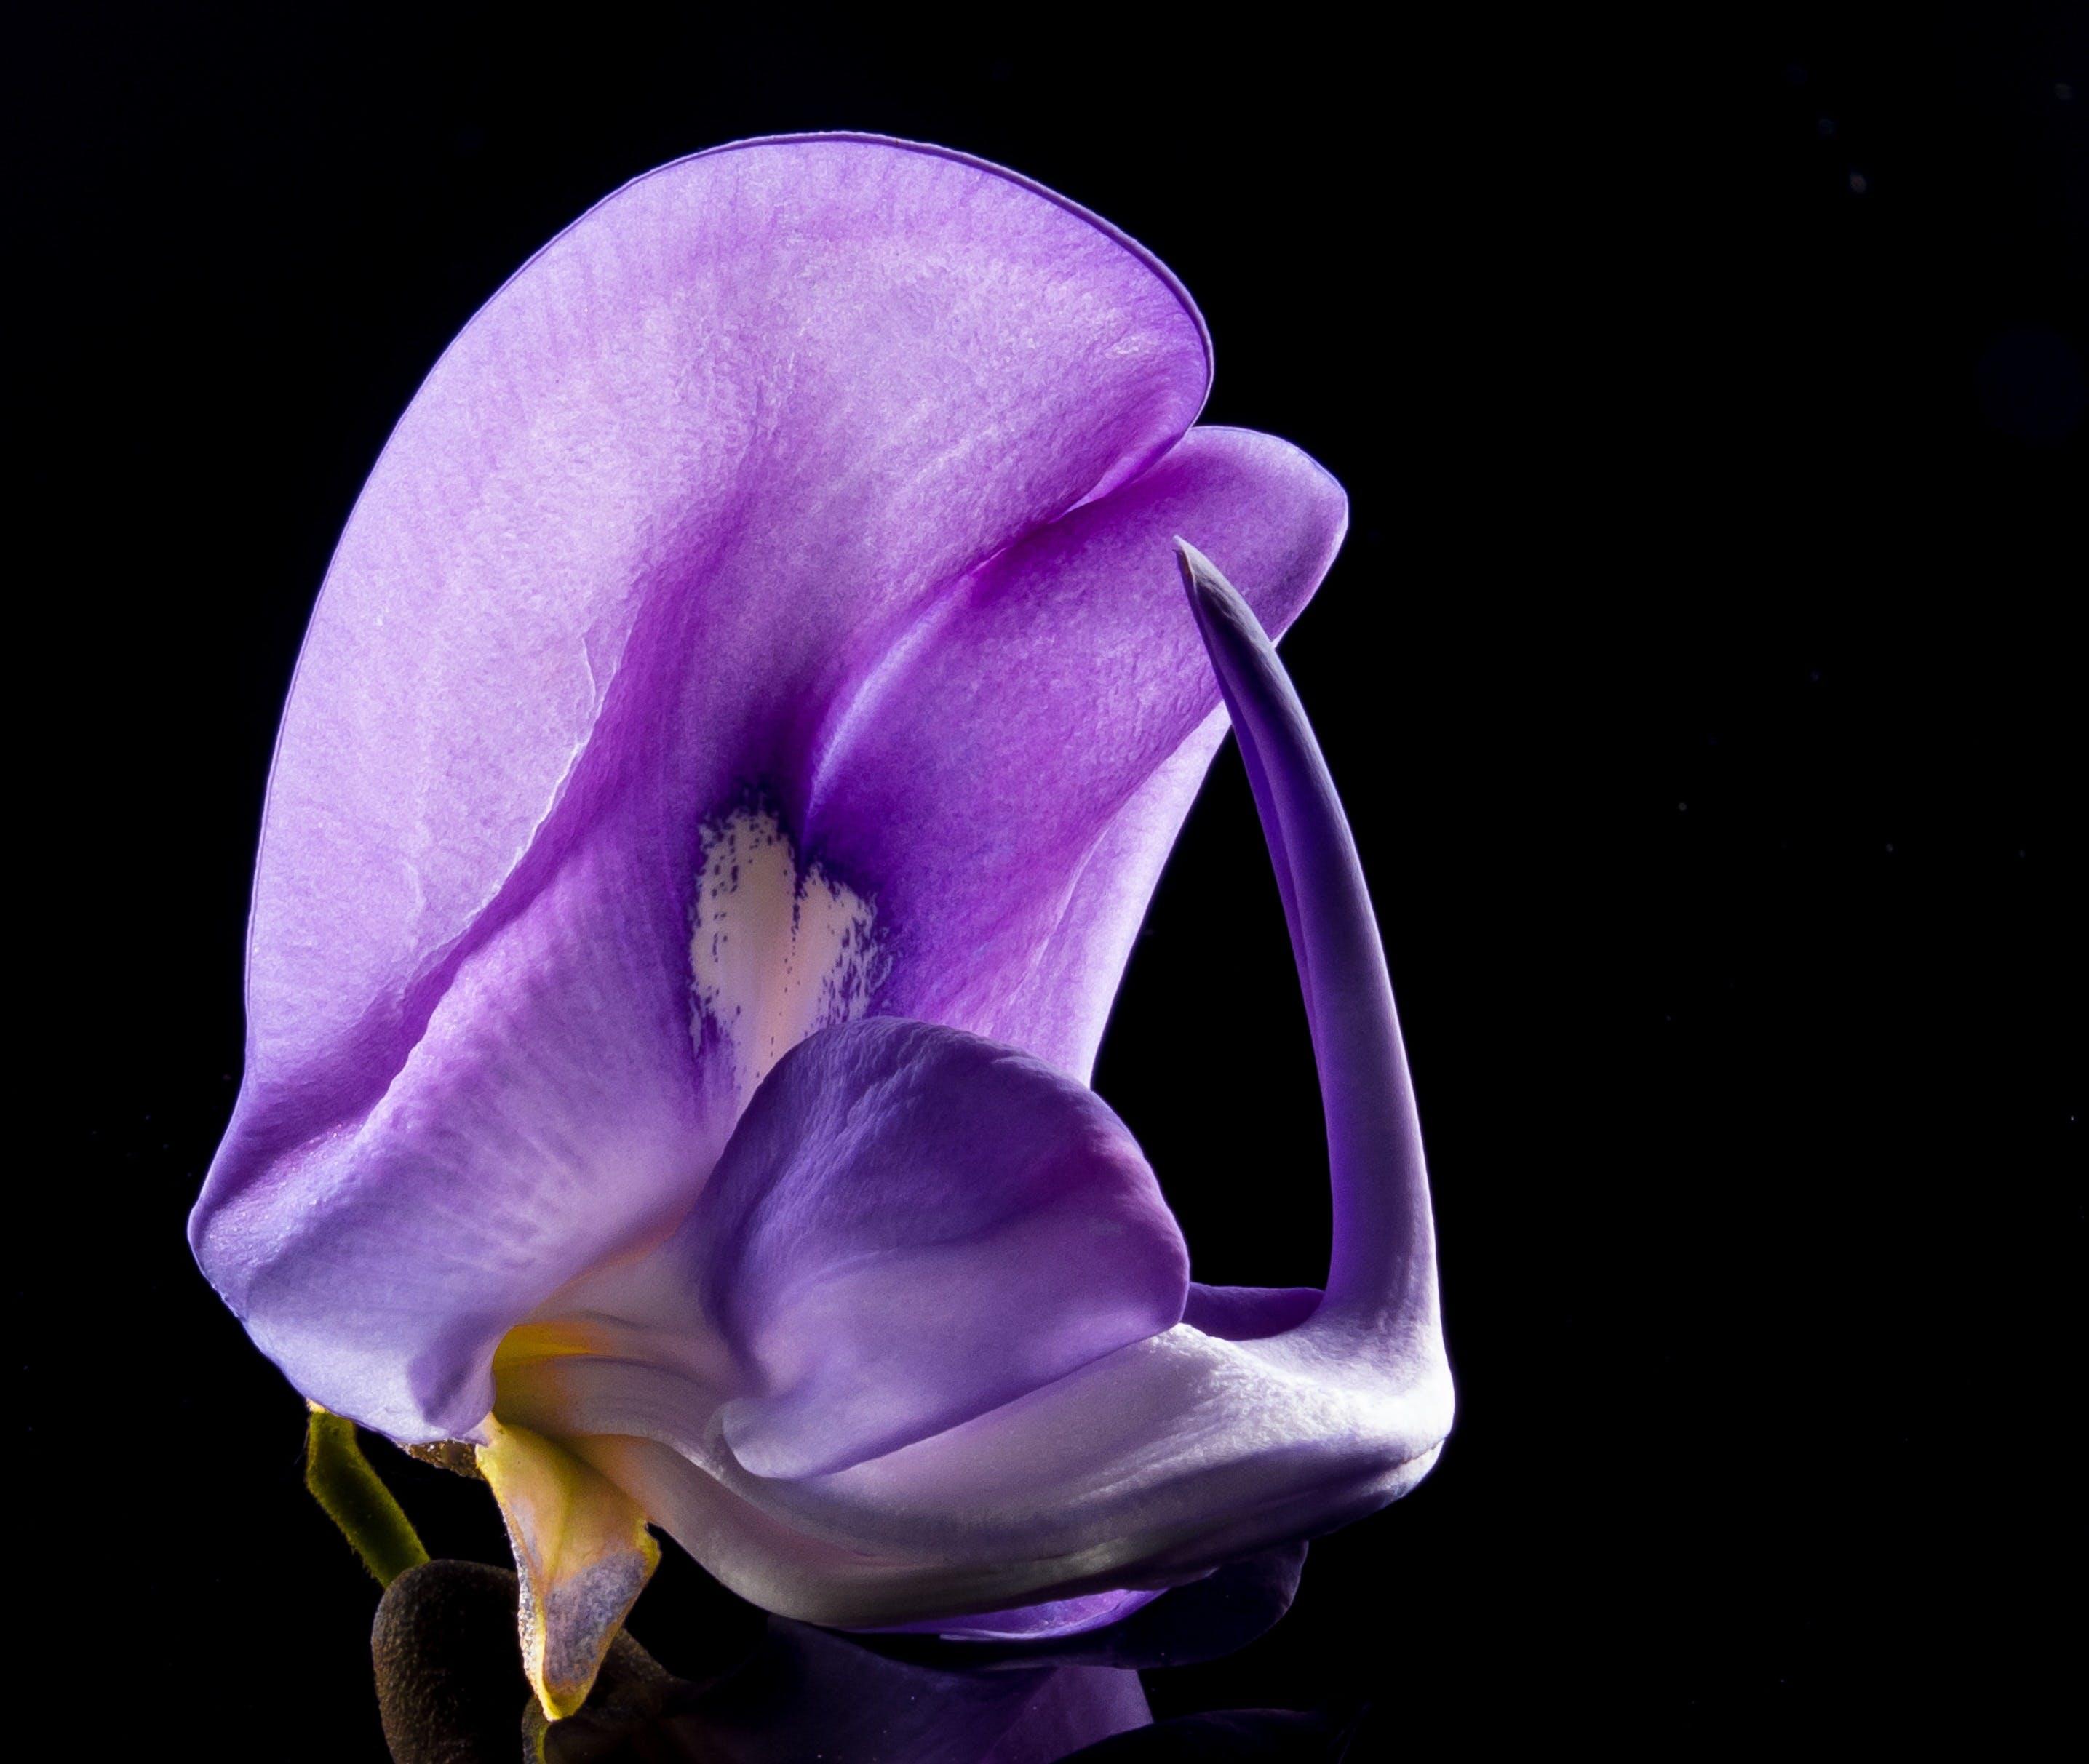 Purple Petal Flower